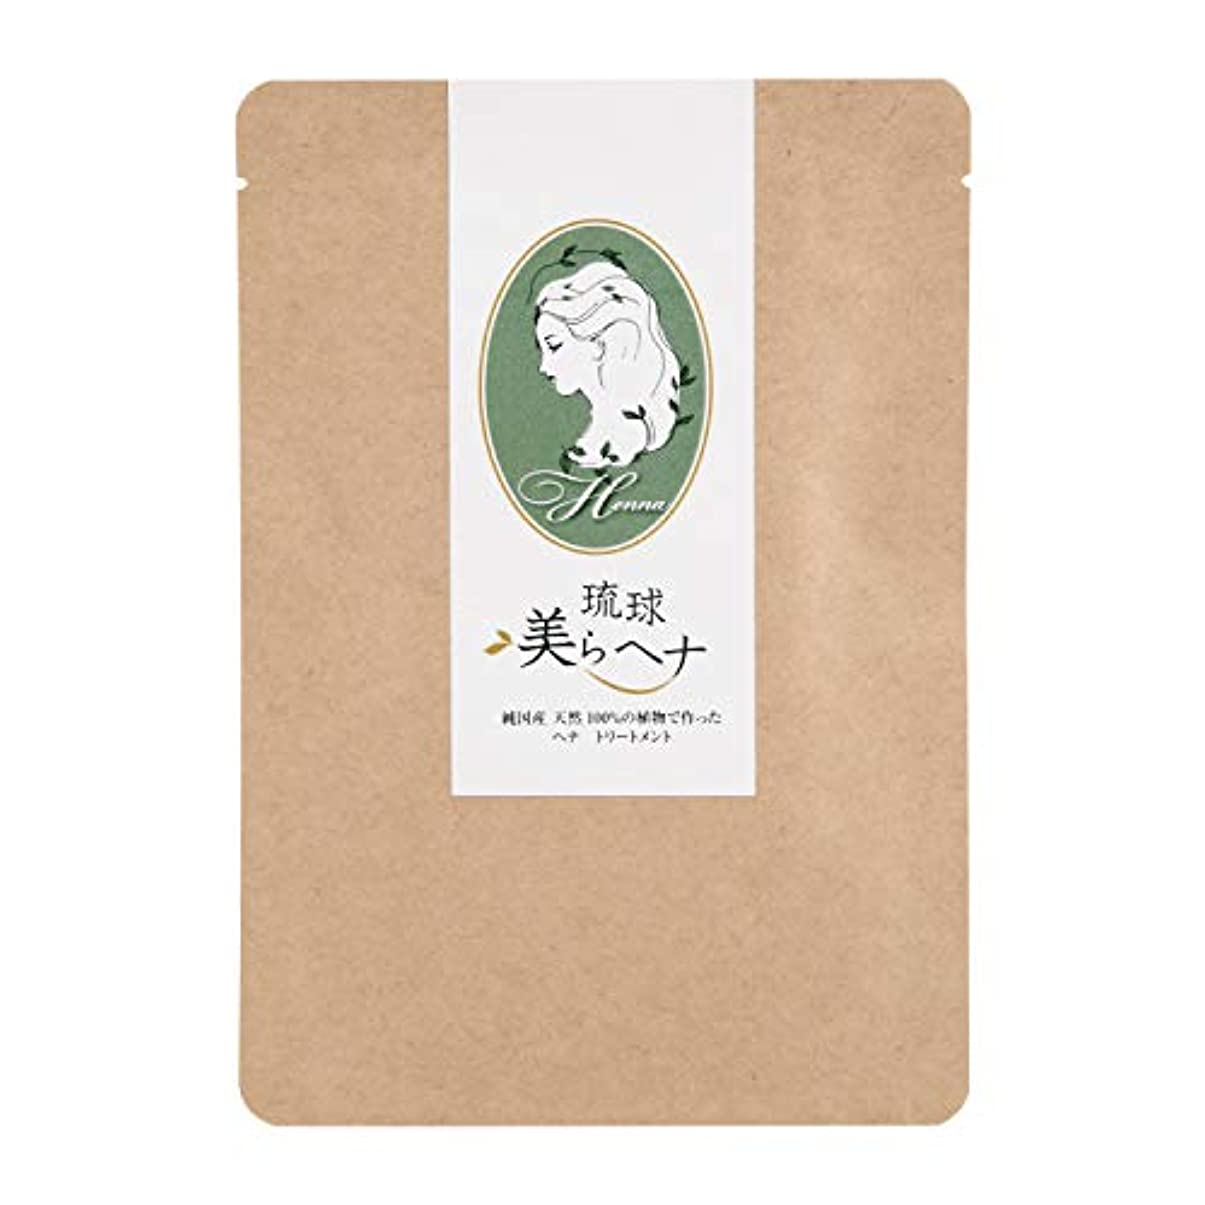 複合リア王回路純国産 ヘナ 白髪染め 天然 100% 琉球 美ら (ちゅら) ヘナ 100g